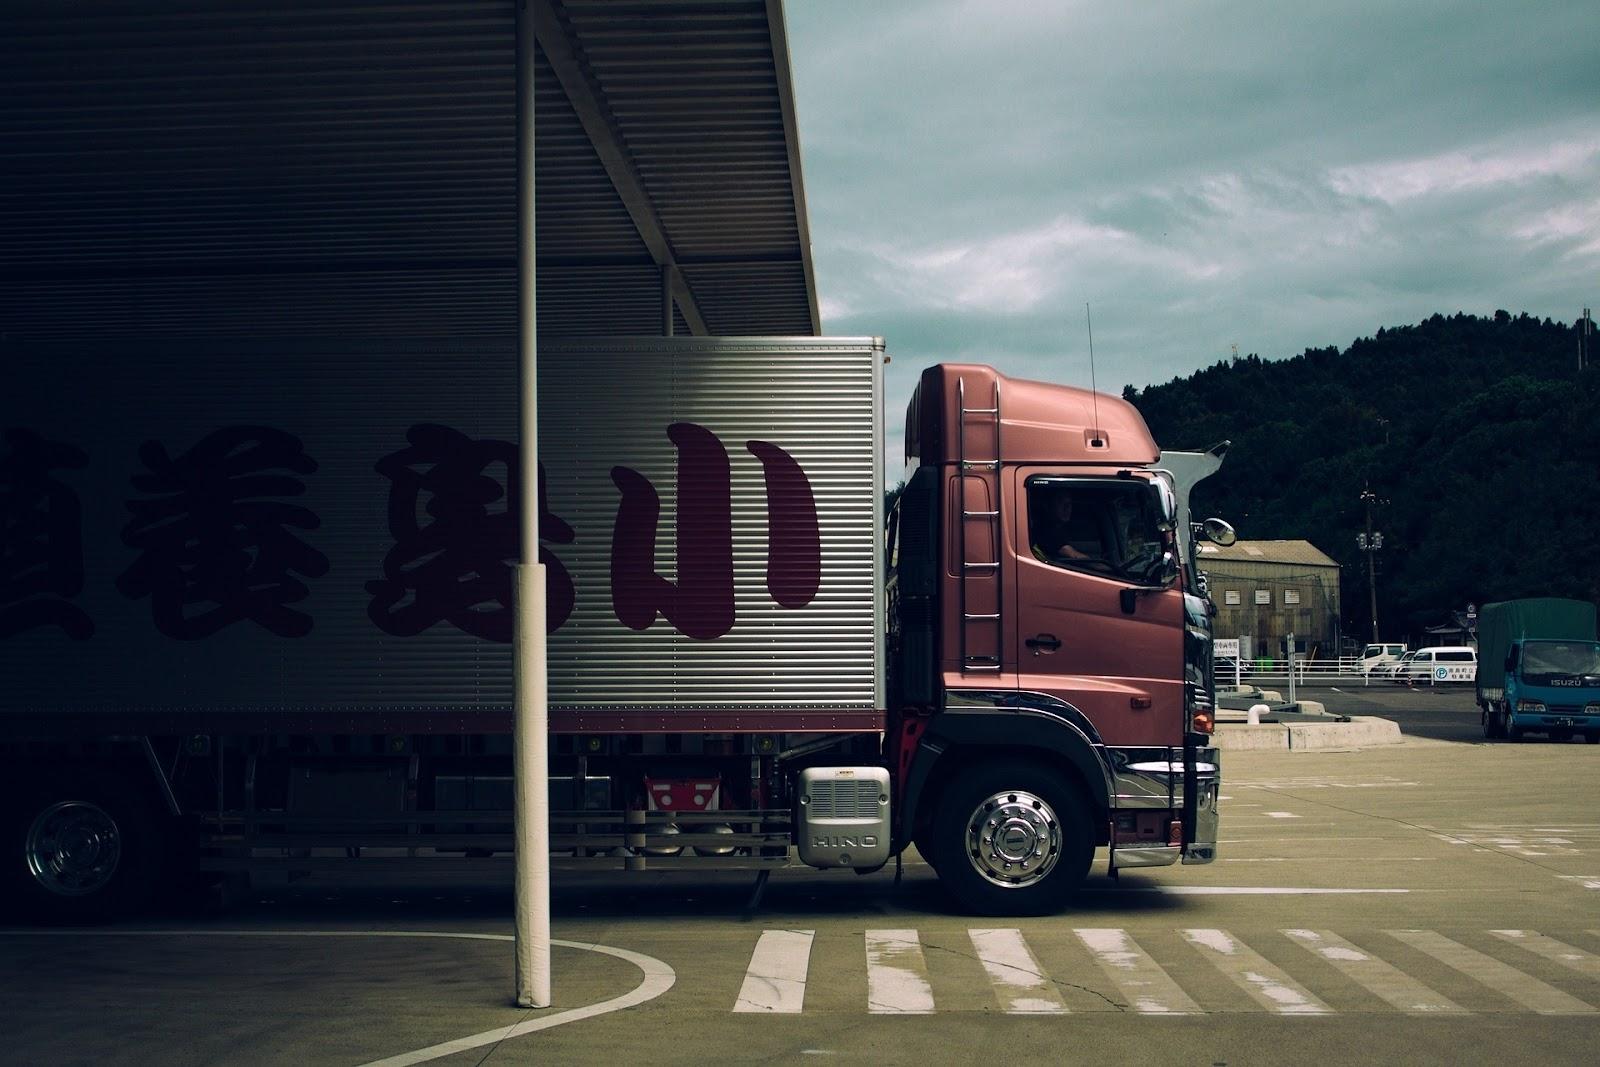 truck-1030846_1920.jpg